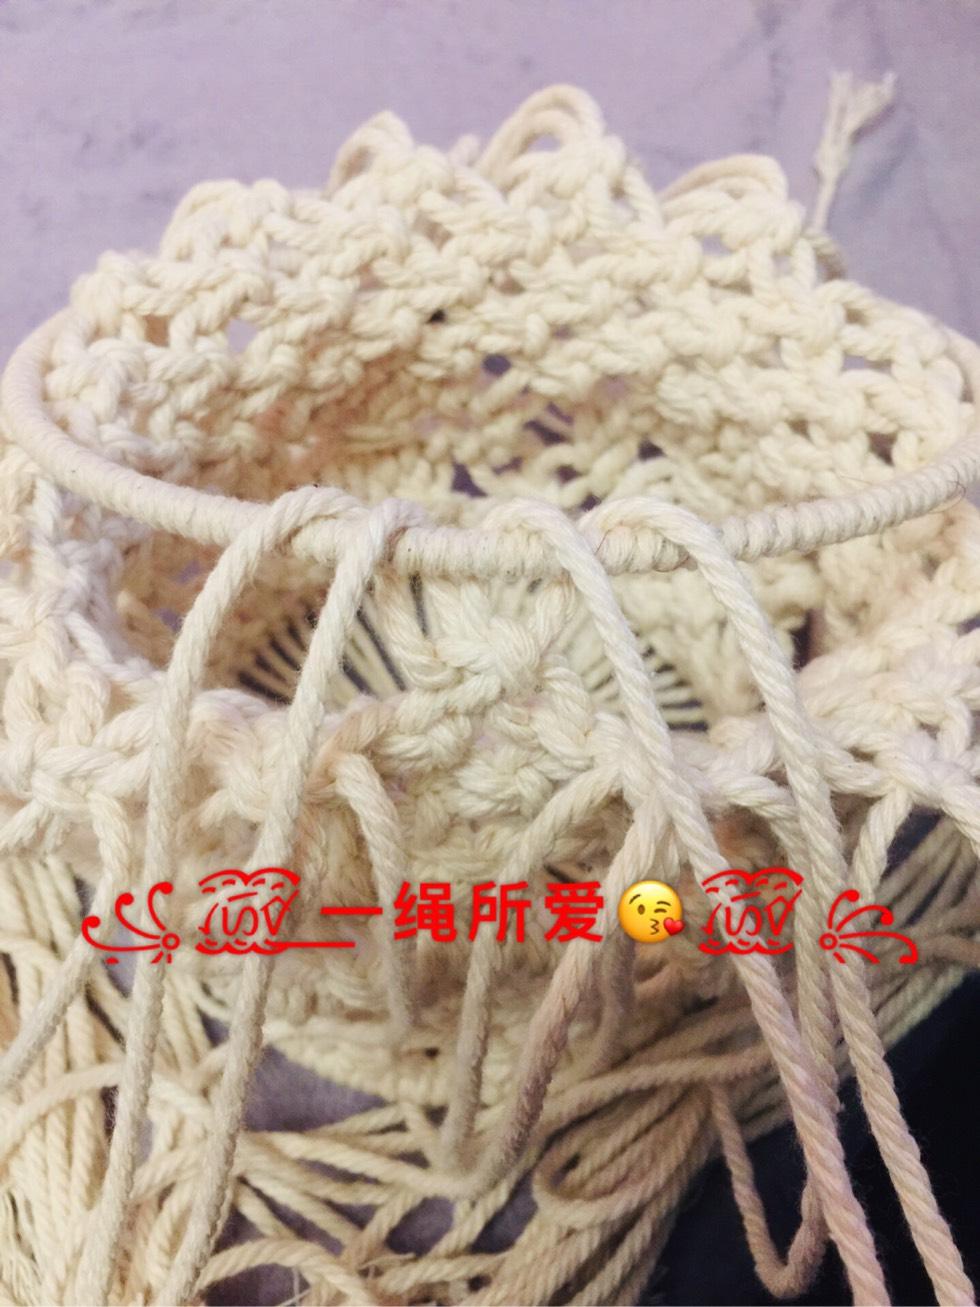 中国结论坛 原创·Macrame 收纳篮  立体绳结教程与交流区 143030te7qo793hll53c9p